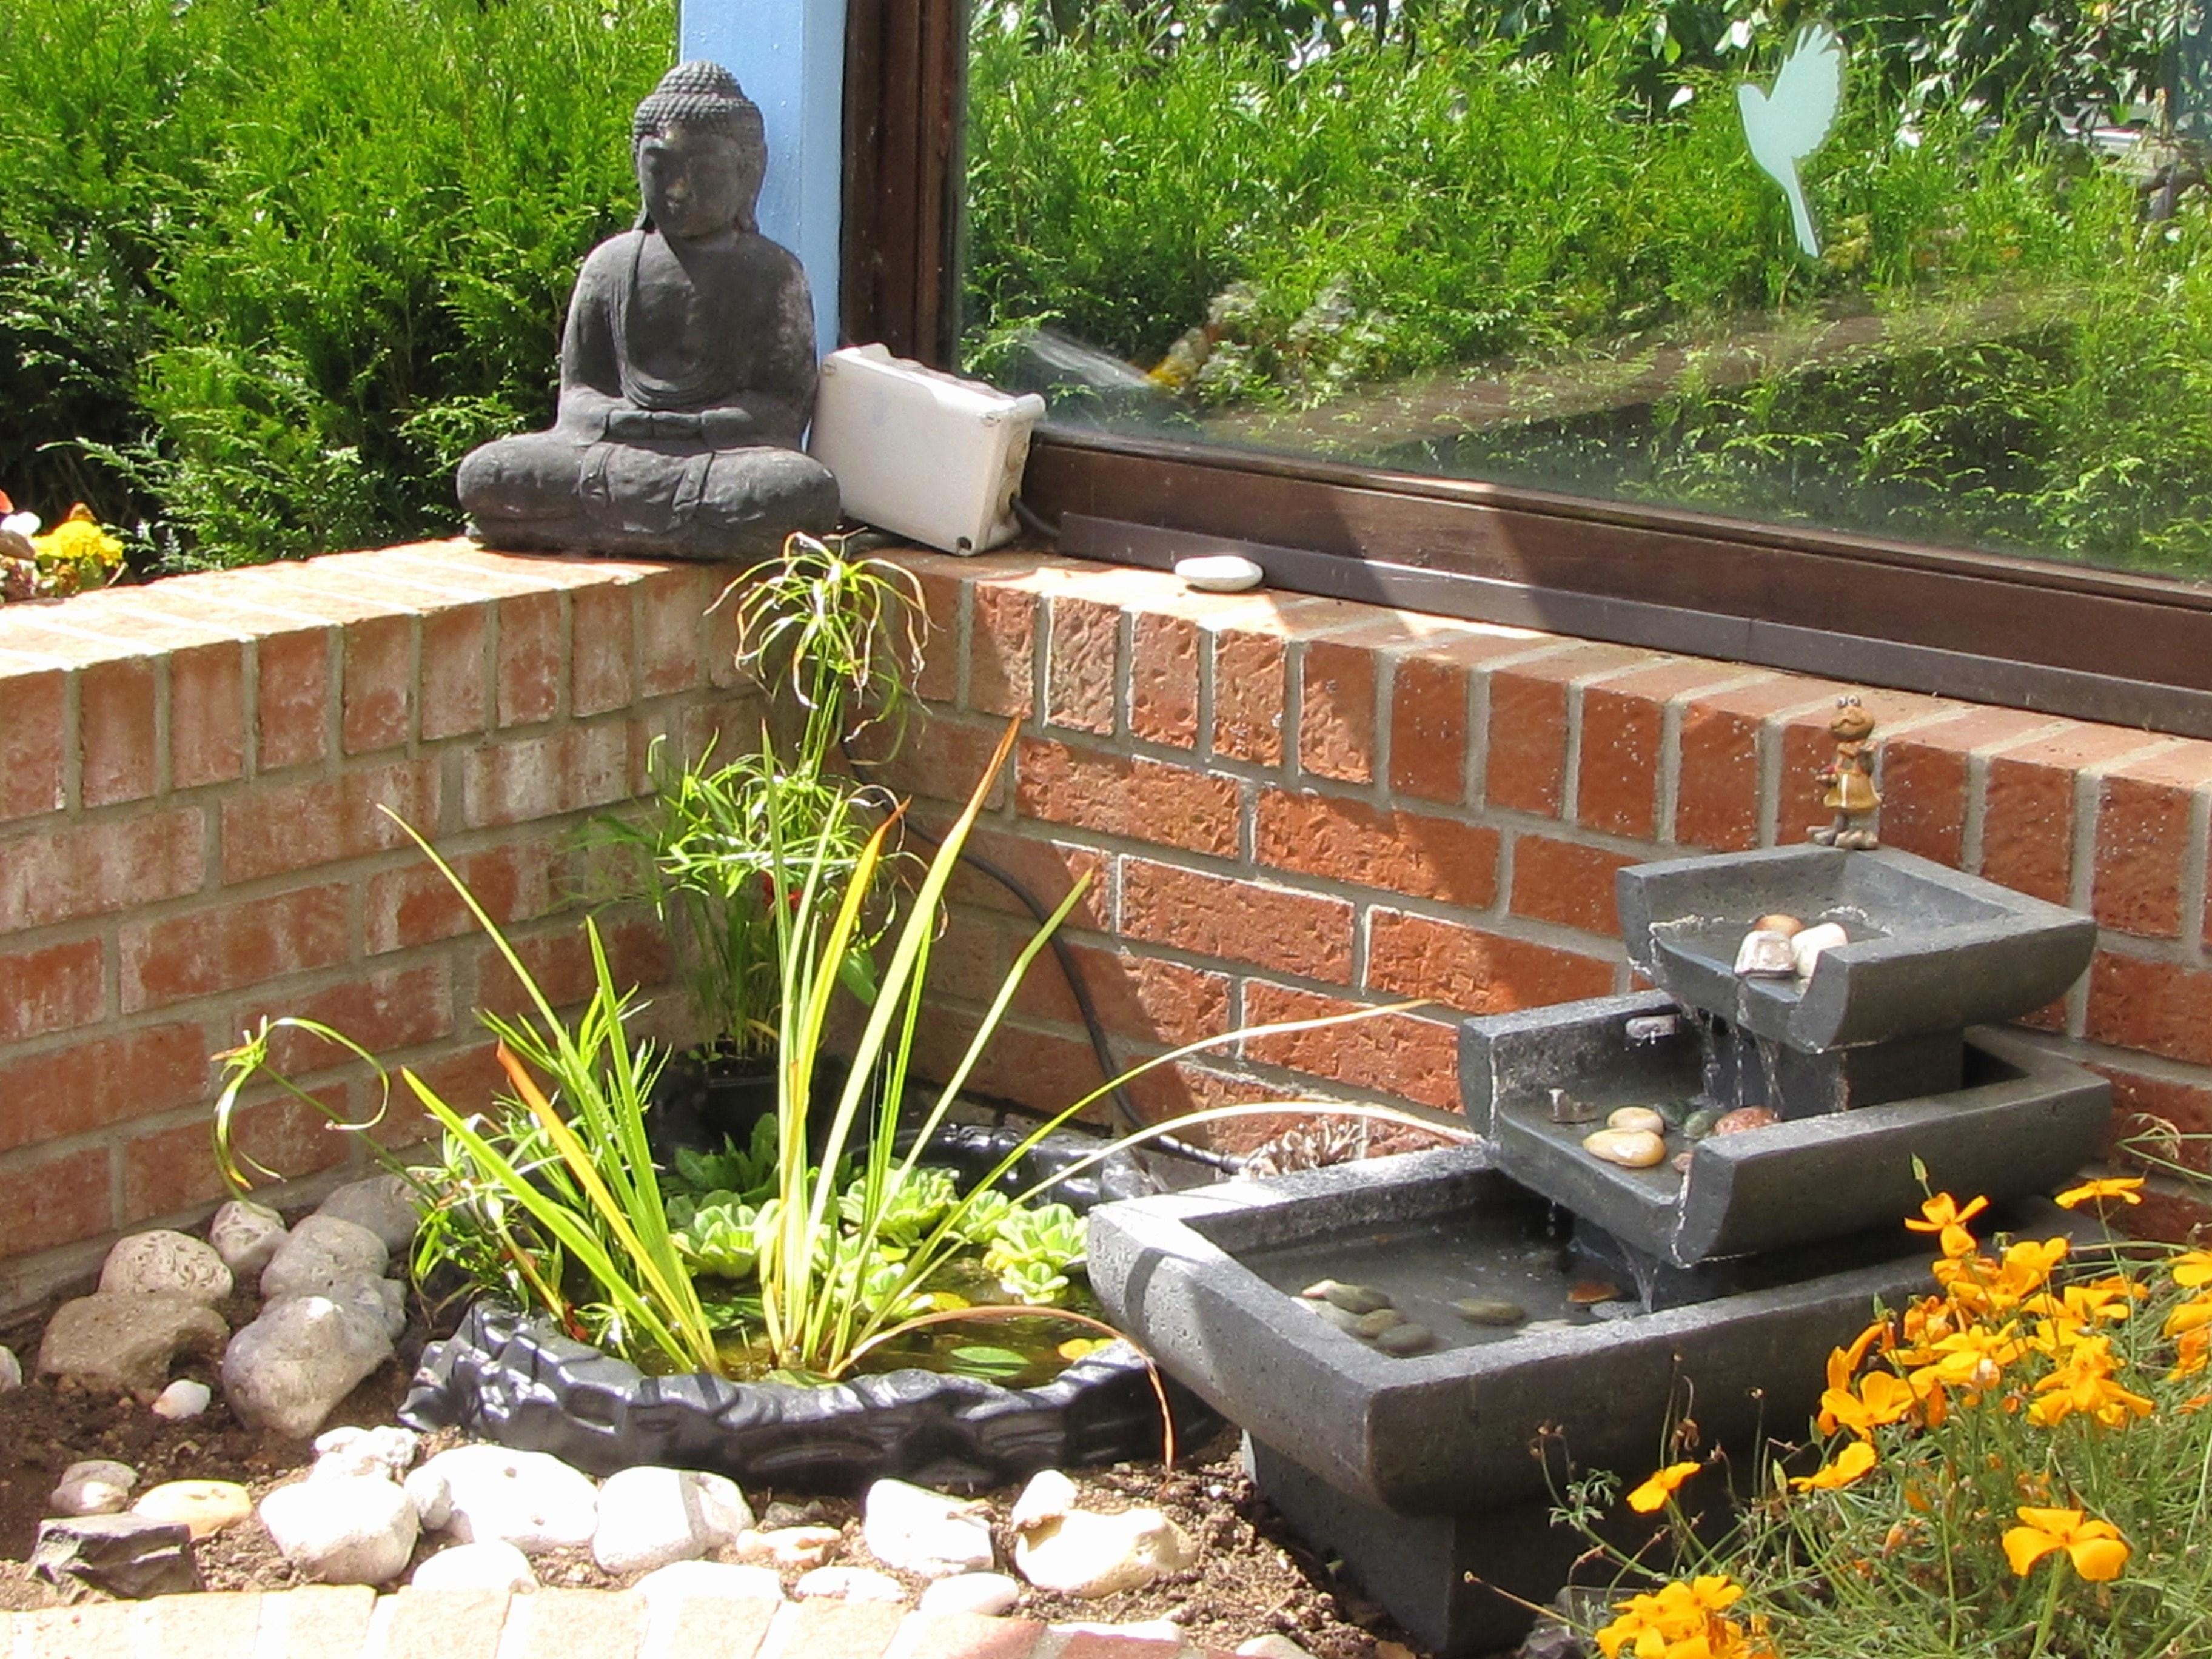 Le Jardin Zen Miniature Une Petite Bulle De Serenite Dans Votre